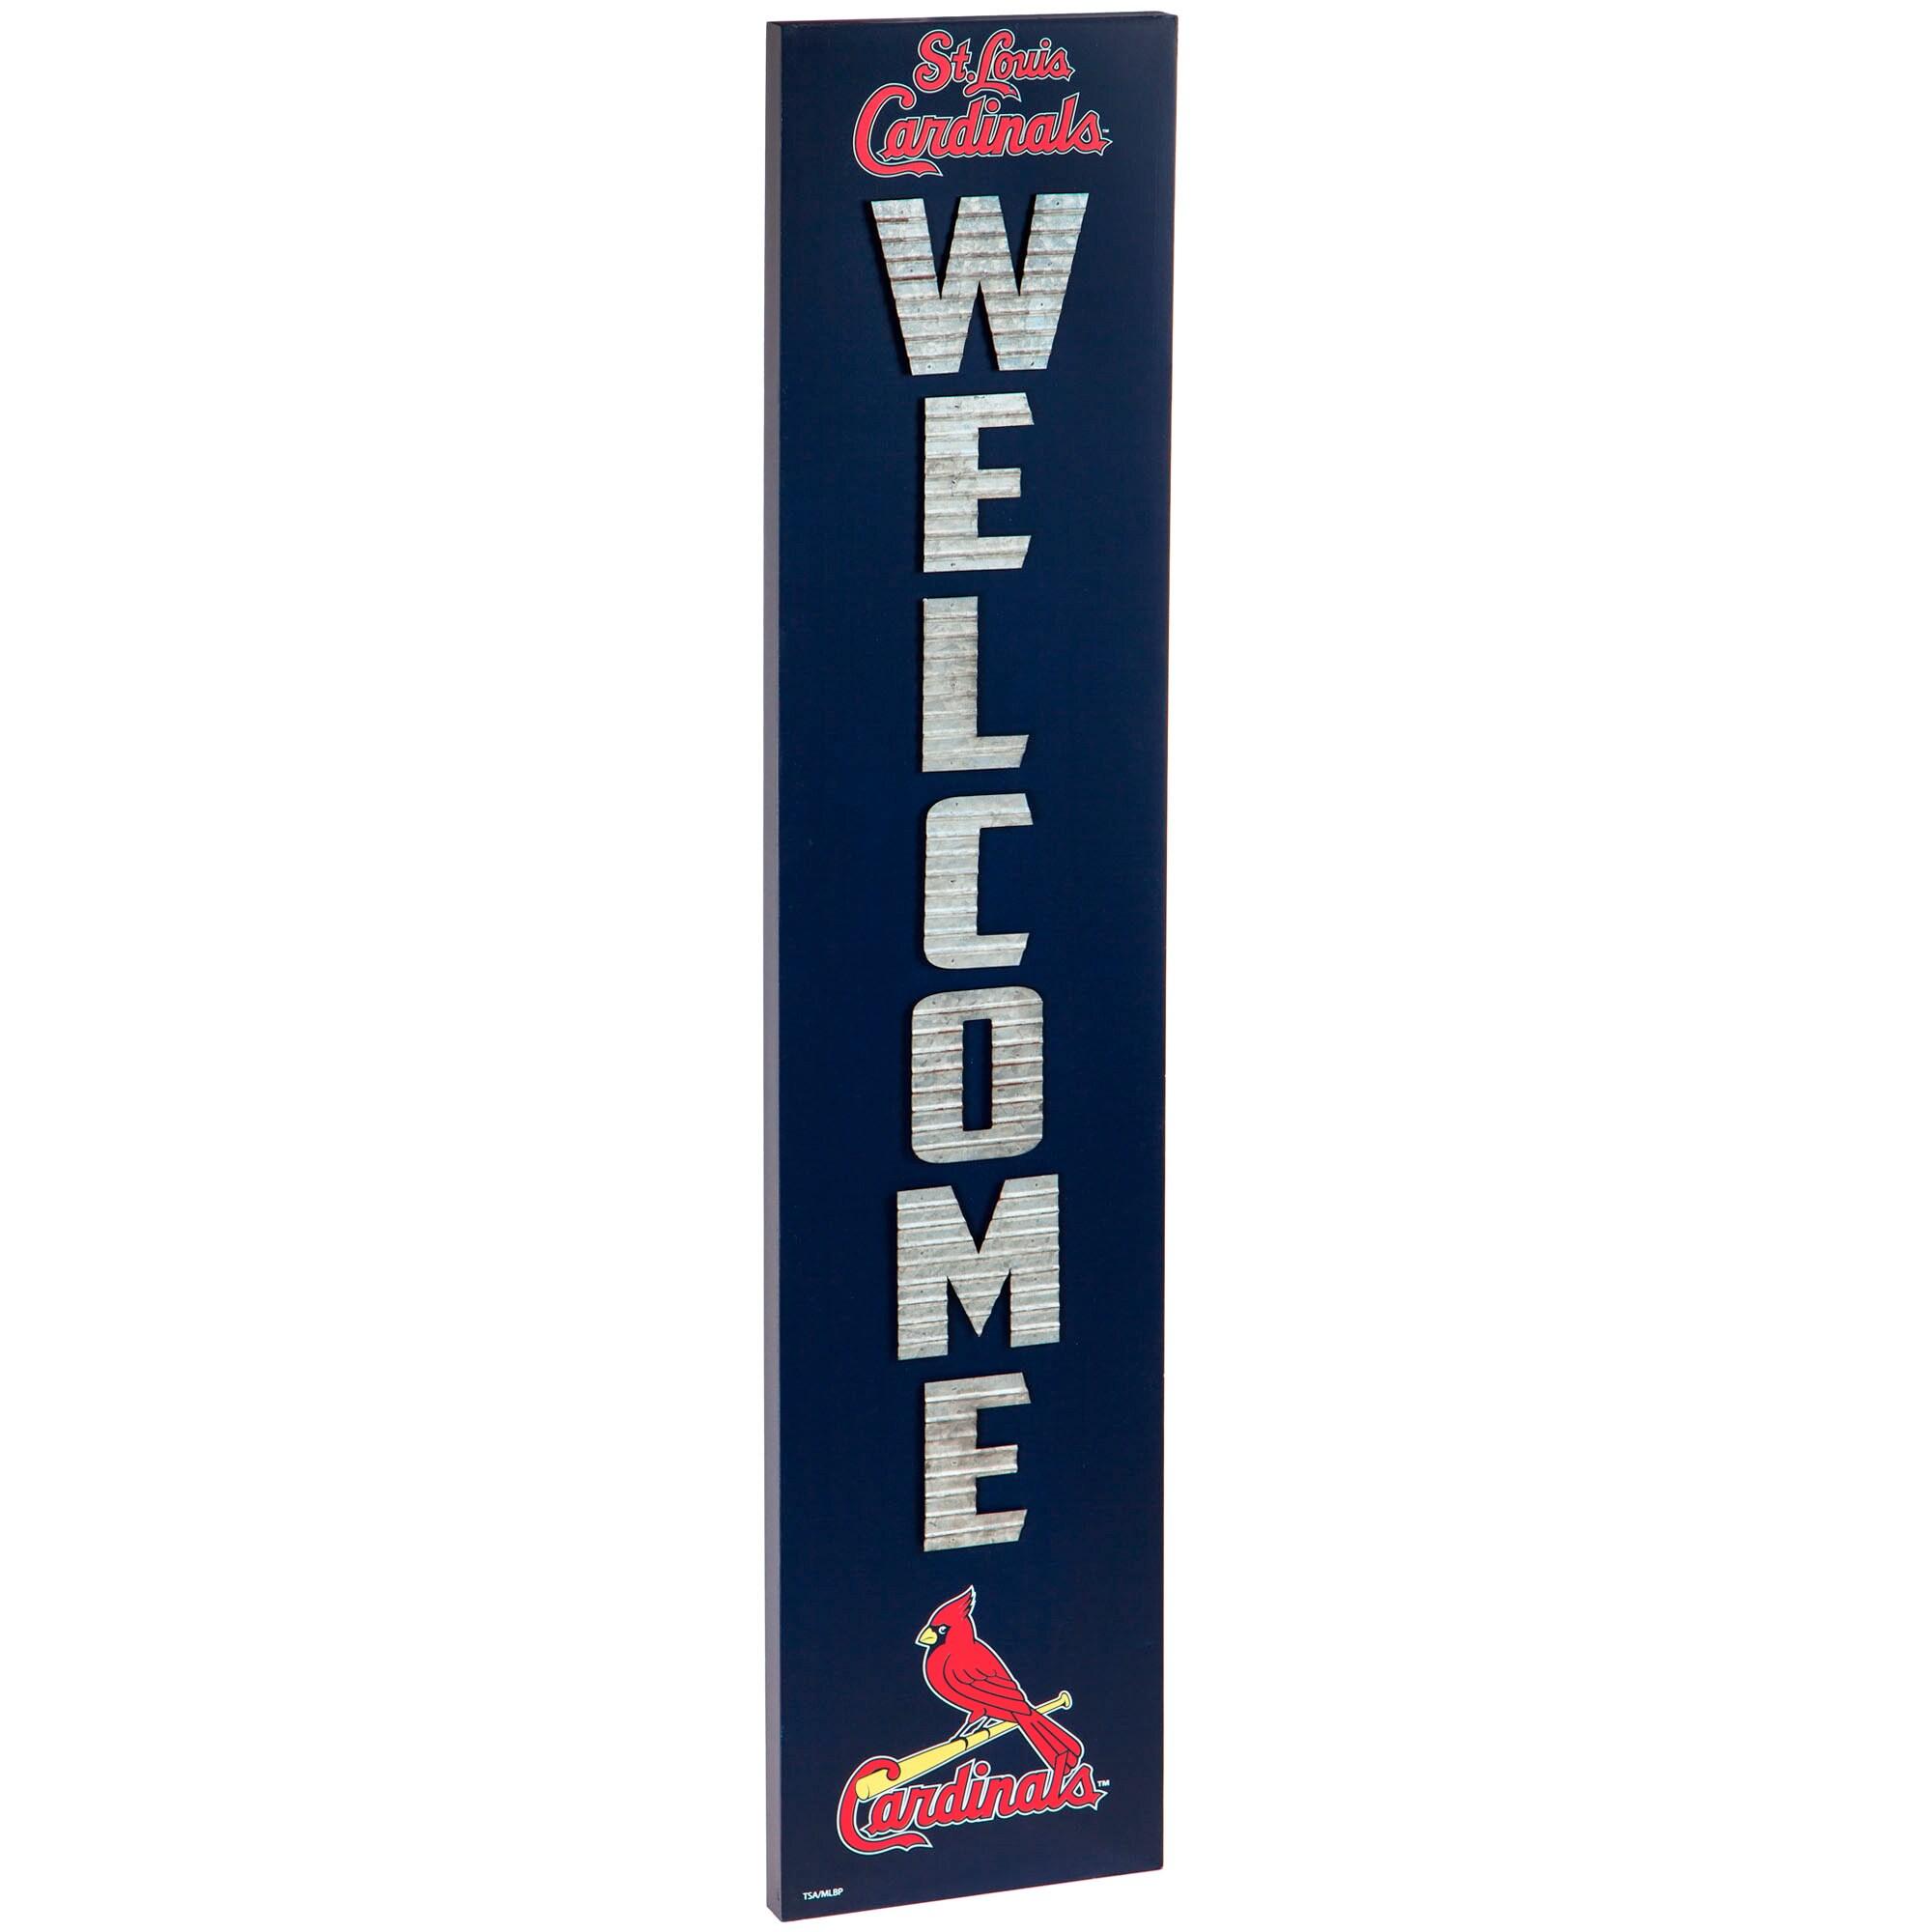 St. Louis Cardinals Porch Leaner